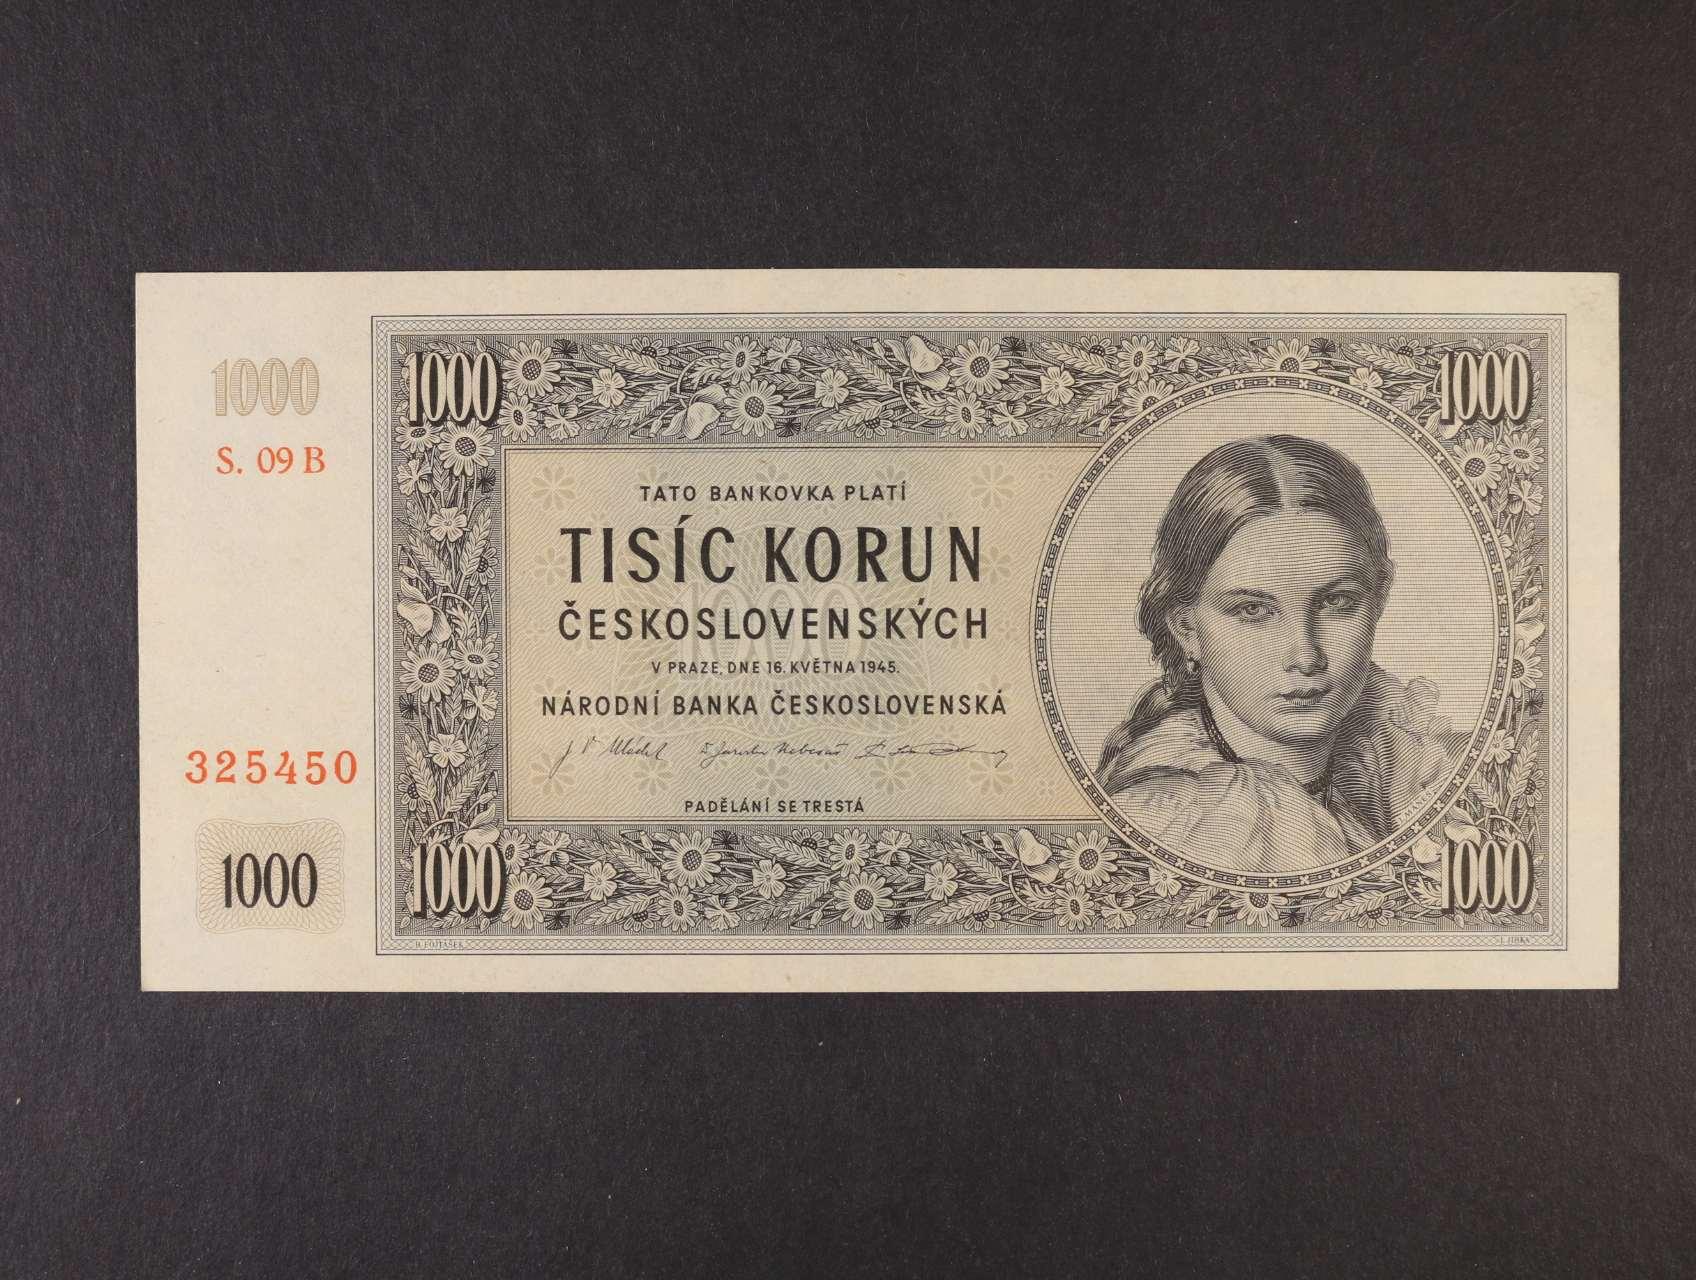 1000 Kčs 16.5.1945 série 09 B, Ba. 78b, Pi. 74a